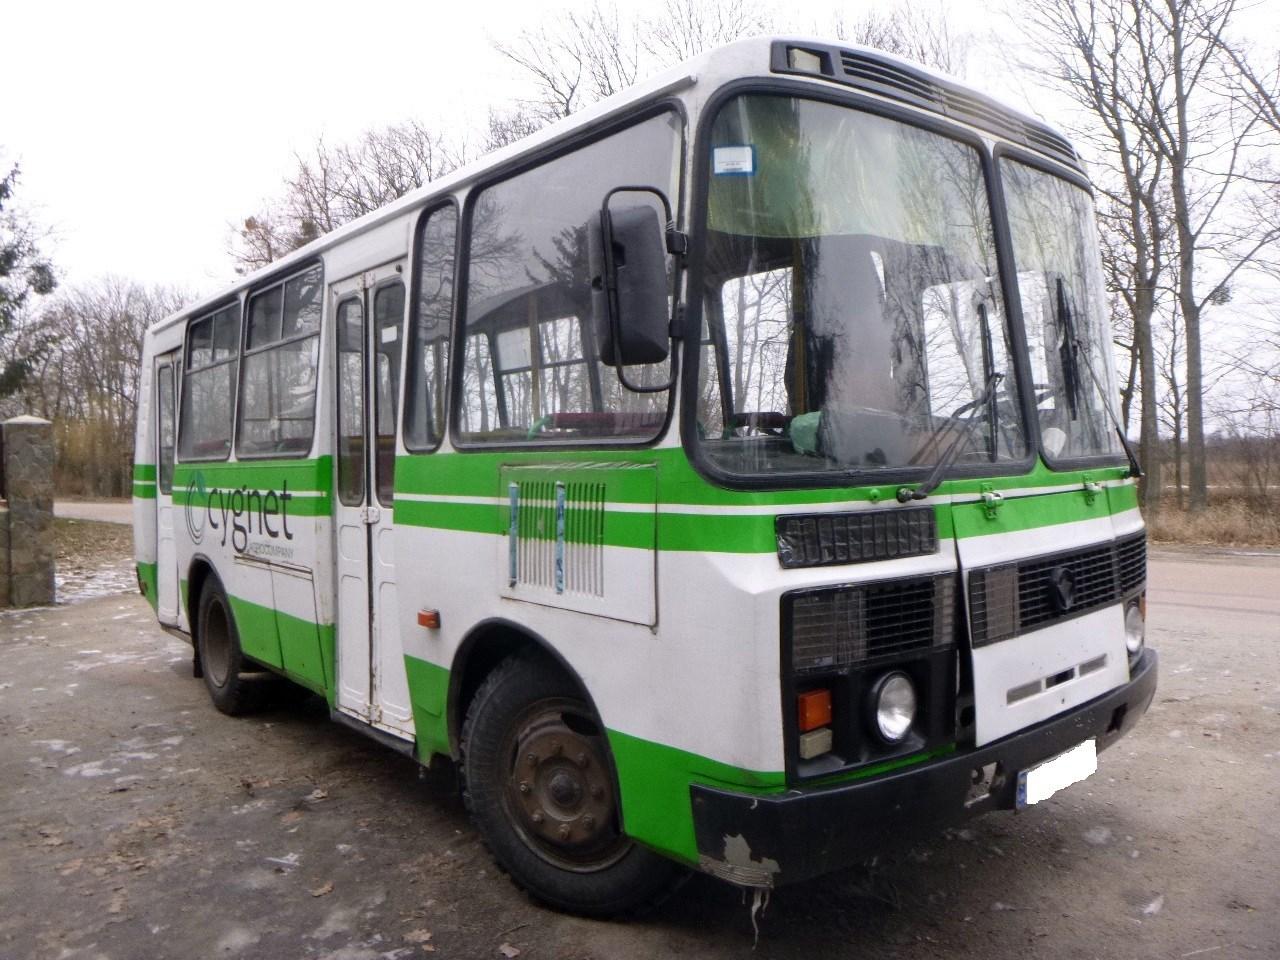 Виявлення автобуса «ПАЗ 3205» зі зміненим ідентифікаційним номером шасі